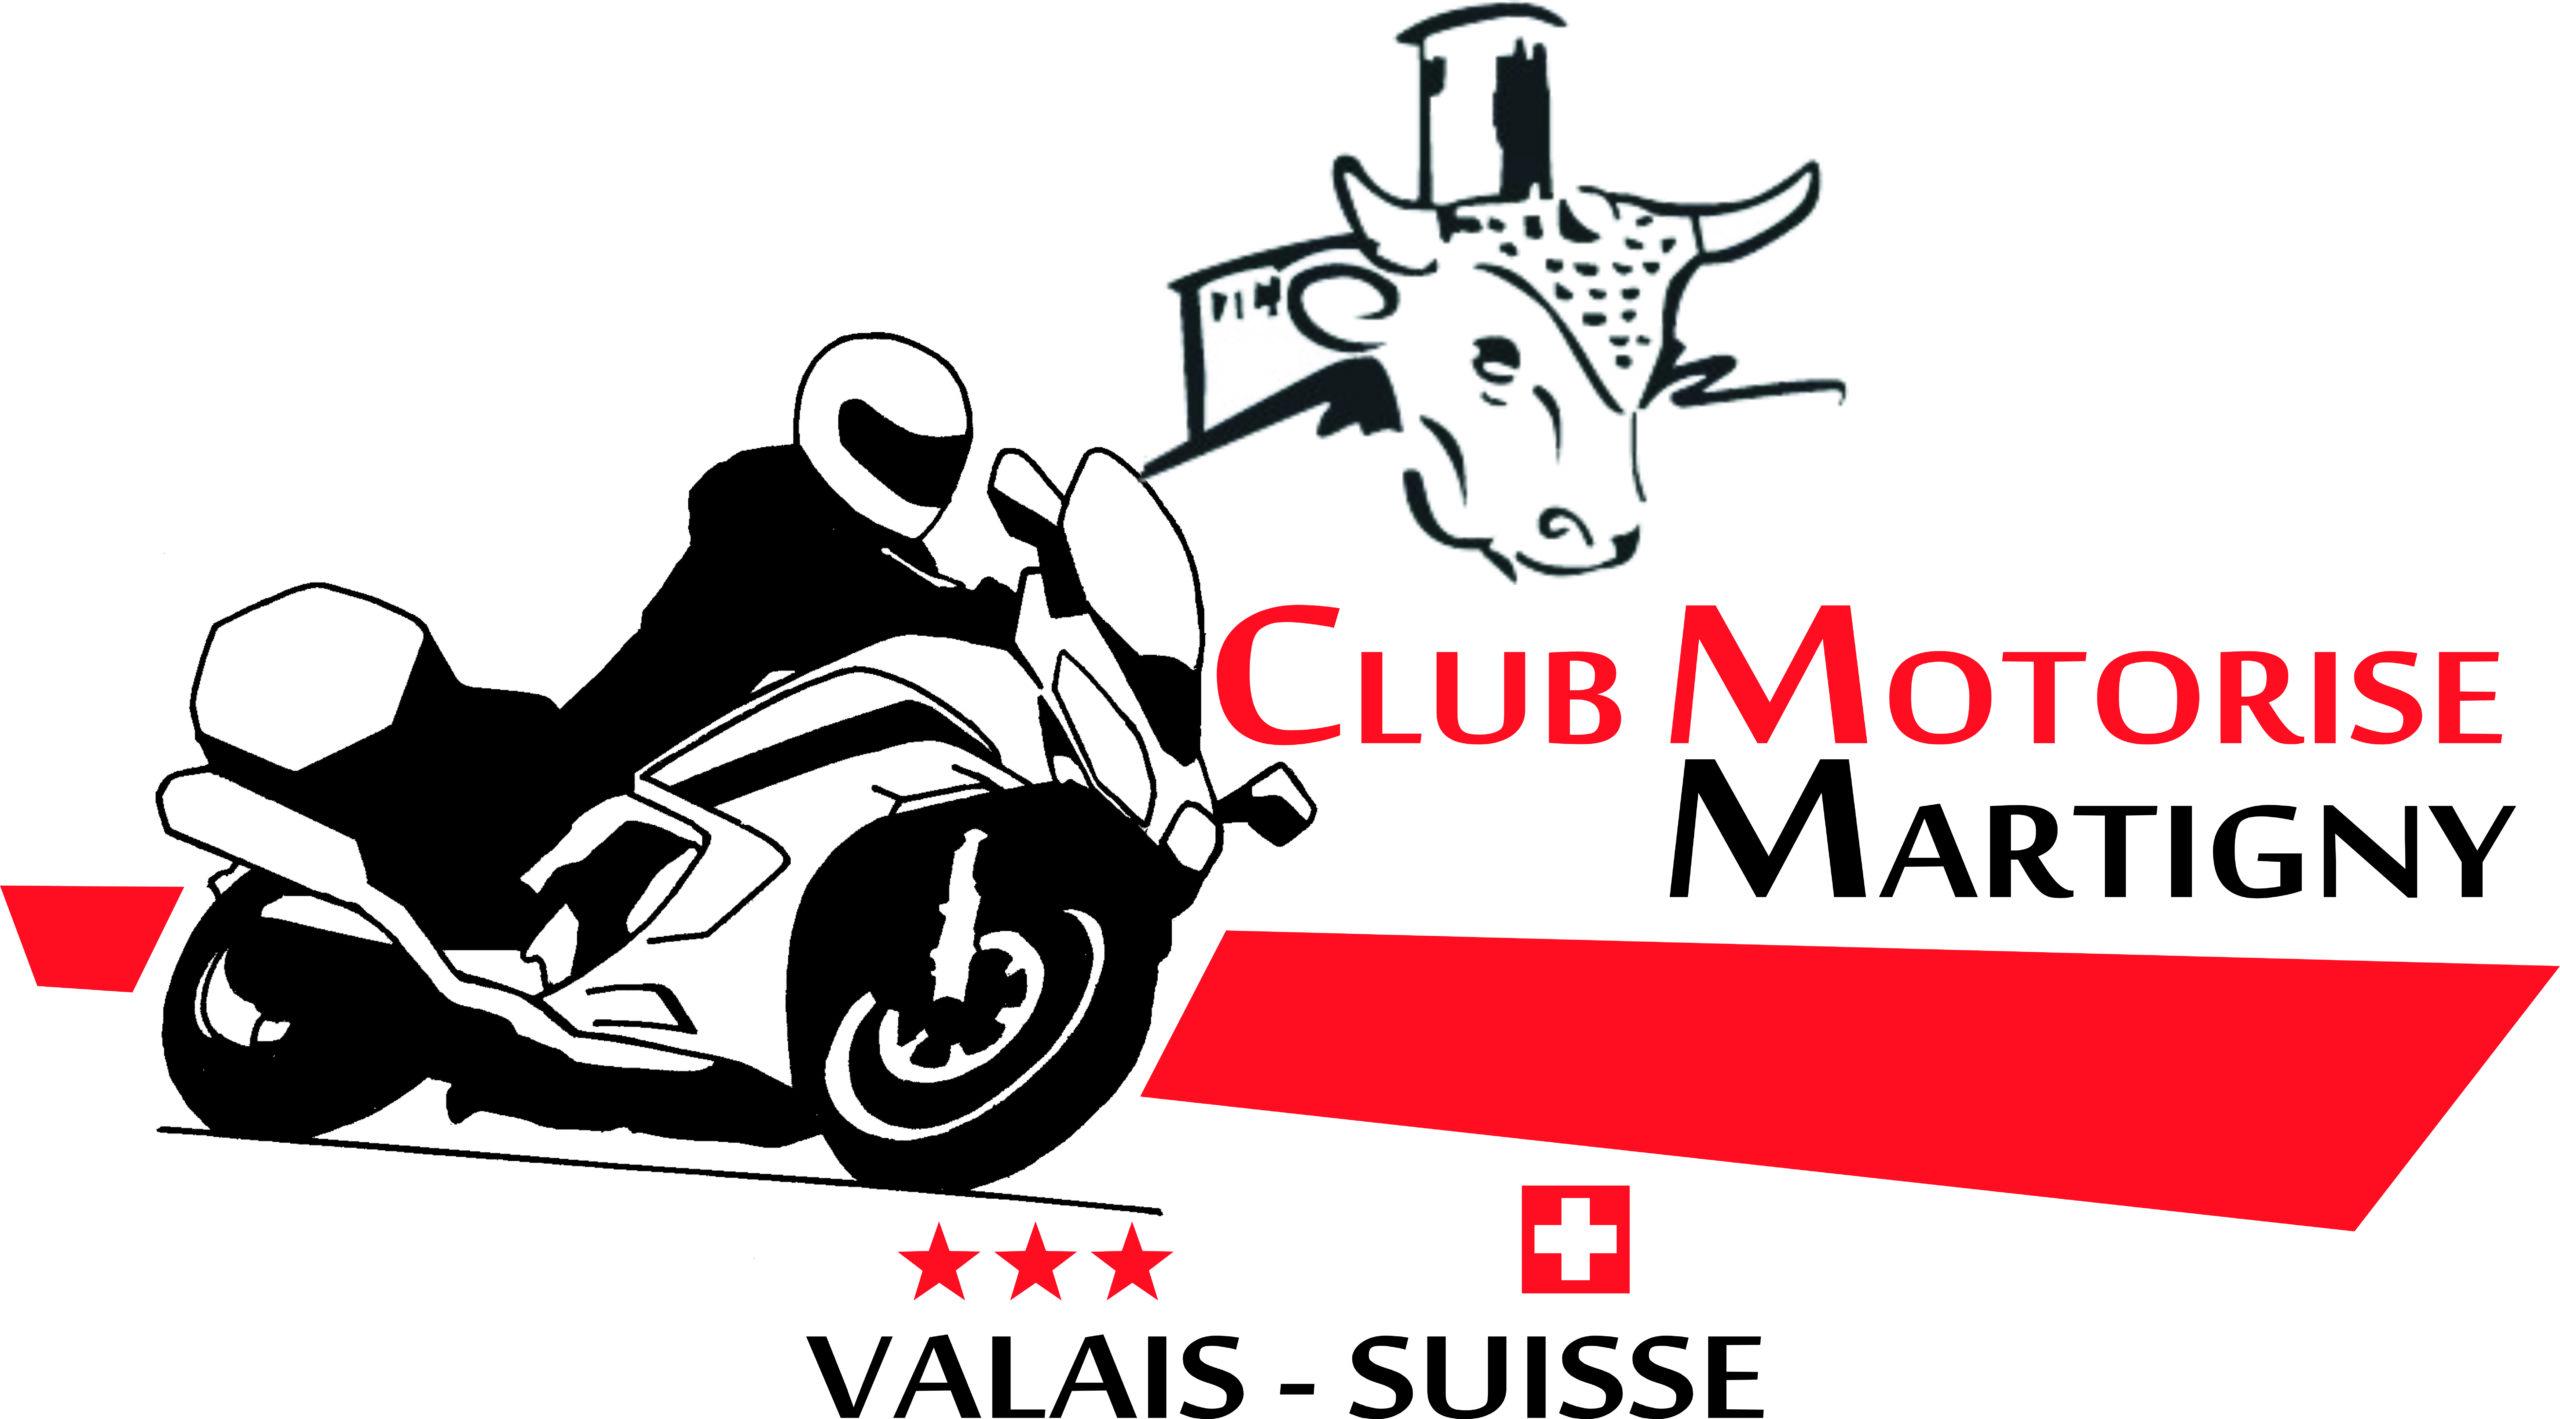 Club Motorisé Martigny